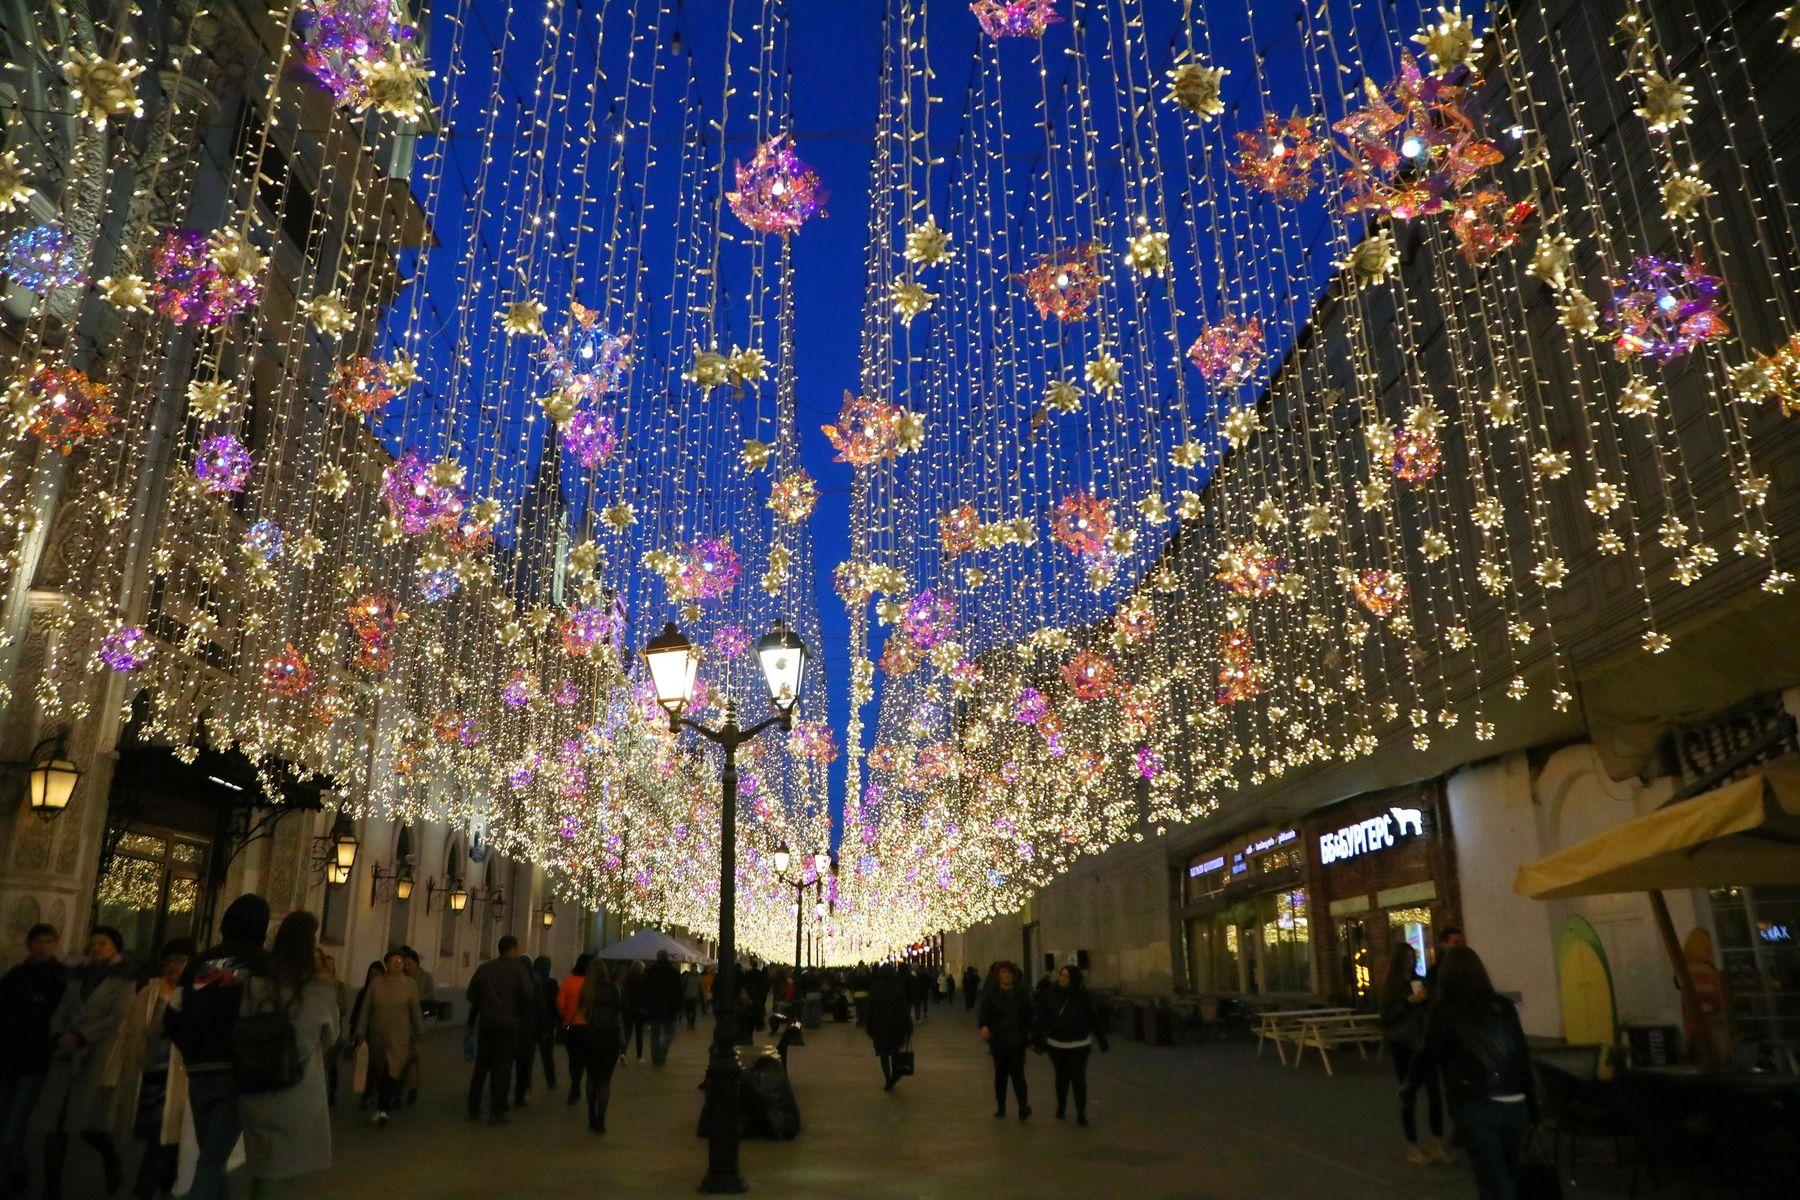 Москва в убранстве новогоднем Москва в убранстве новогоднем